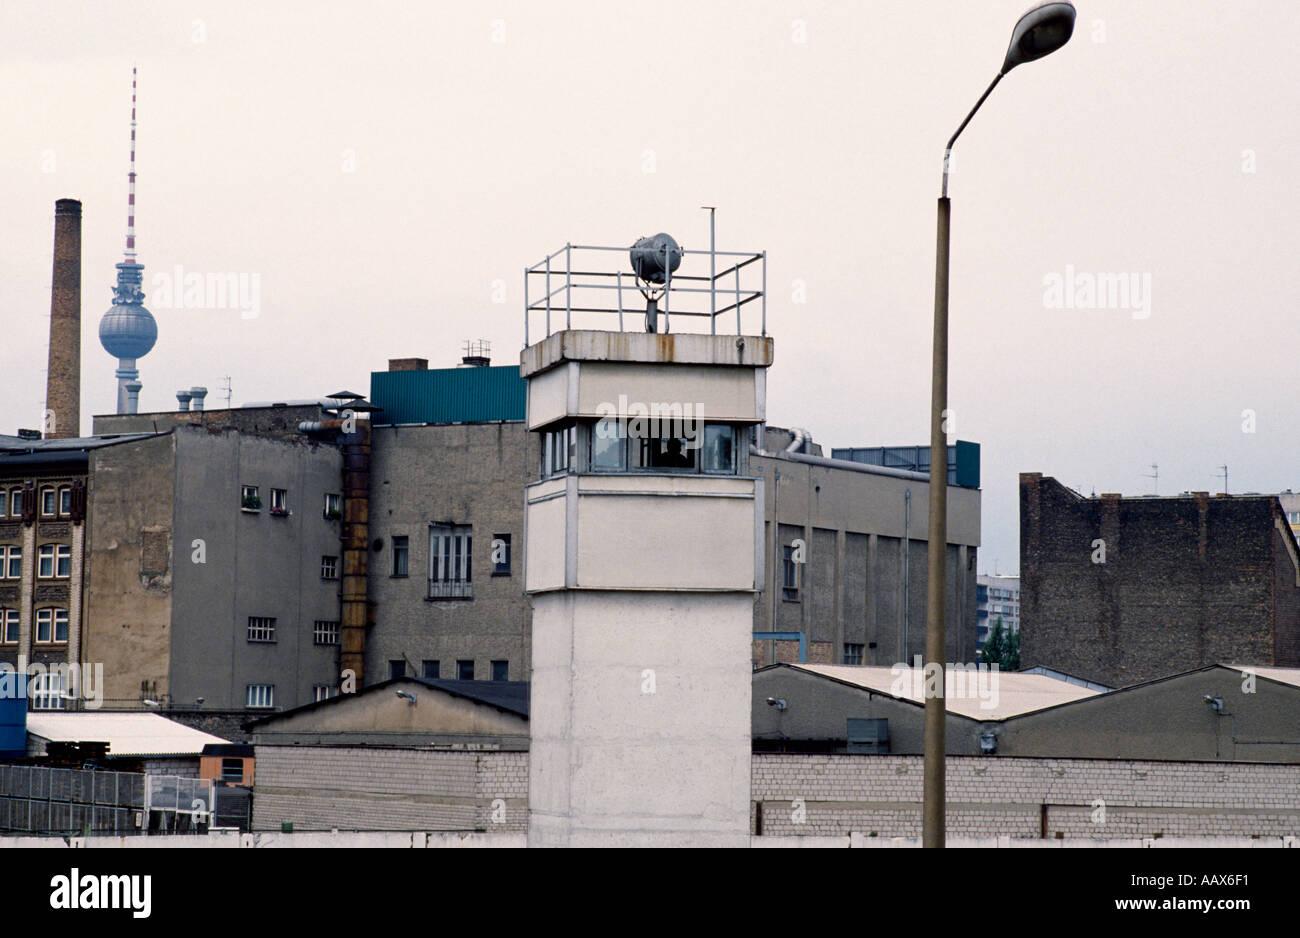 La storia europea. Lo storico muro di Berlino e la torre di avvistamento a Berlino Ovest in Germania in Europa durante la Guerra Fredda. Immagini Stock